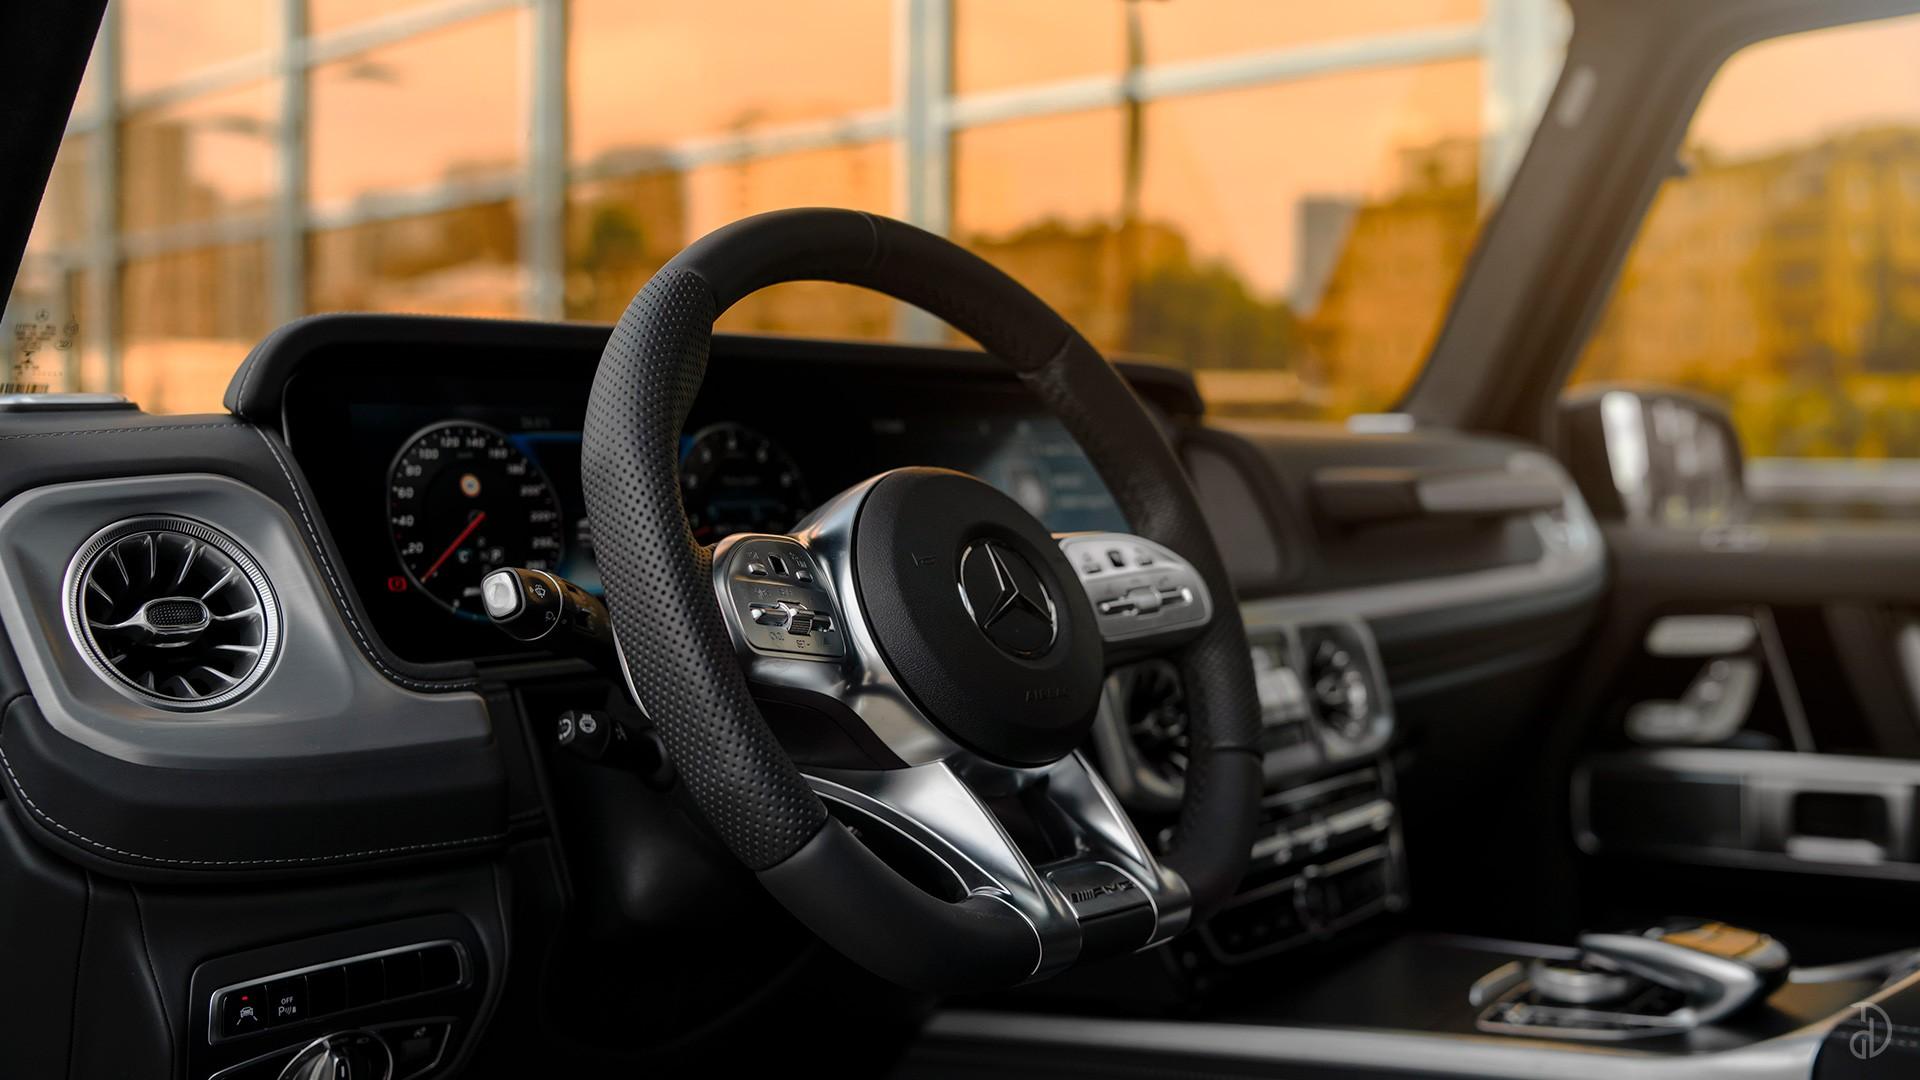 Mercedes G 63 AMG 2020 (Гелендваген). Фото 11